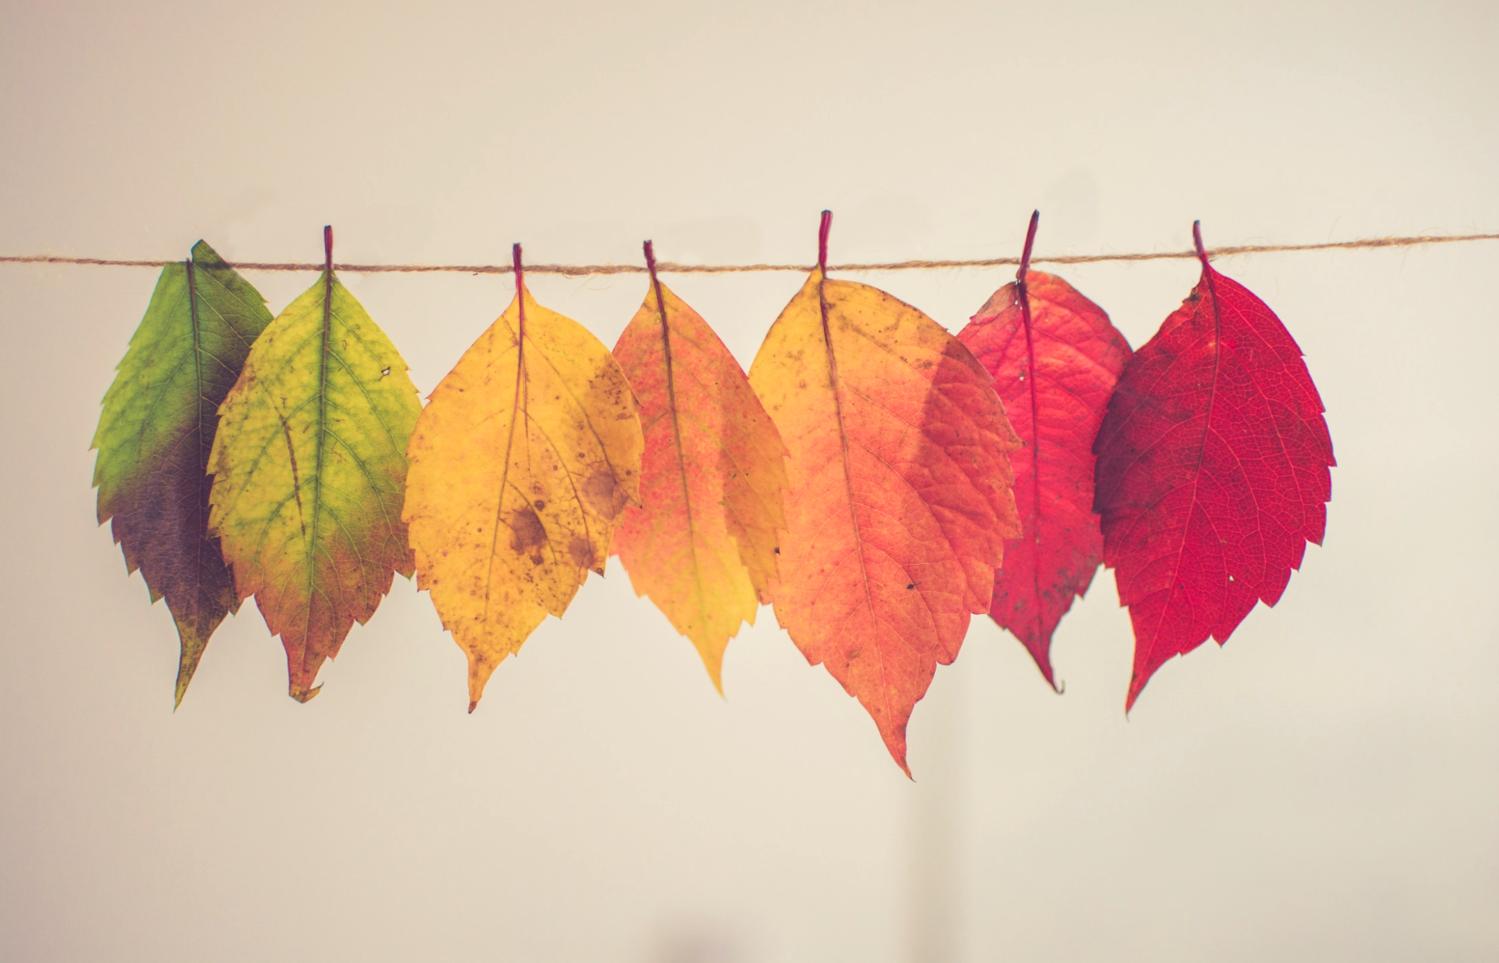 Sept feuilles colorées suspendues par dégradé de couleur du vert au rouge